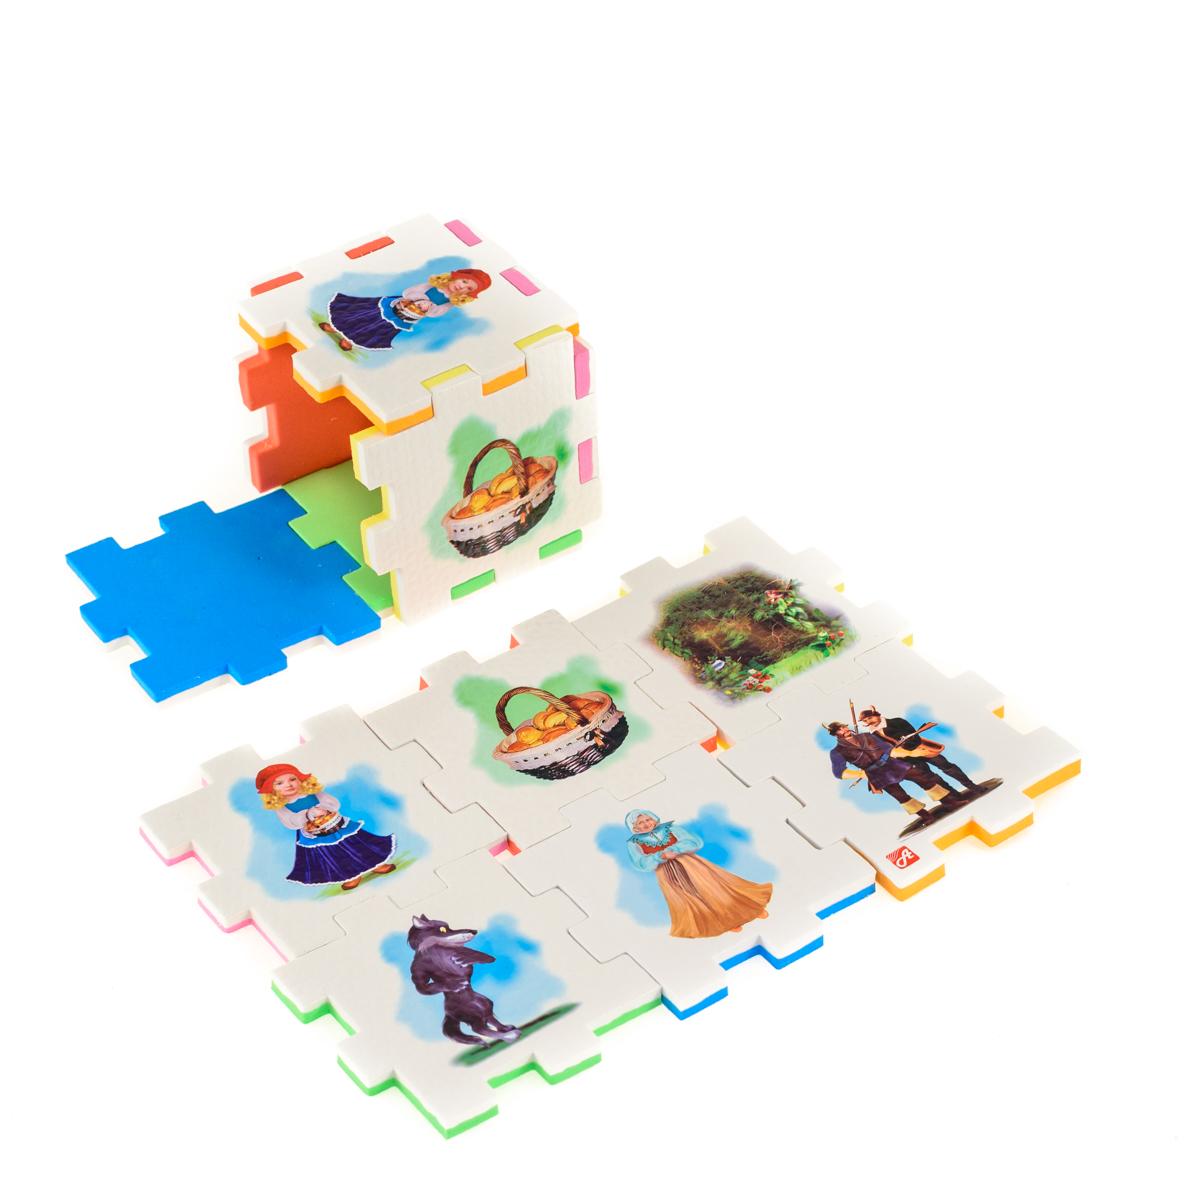 Нескучный кубик Пазл для малышей Красная шапочка282376Развивающее пособие-игрушка призвано в легкой игровой форме помочь ребенку познакомиться с окружающим миром, изучить цвета, формы, развить логическое и ассоциативное мышление. Из деталей кубика можно конструировать не только кубик из 6 элементов! Попробуйте собрать форму побольше — из 10-12 деталей, либо кубик из 24 деталей, у которого каждая сторона будет состоять из 4-х картинок-элементов. Либо вы можете сложить с ребенком необычный коврик из деталей кубика. Кубики «Сказки» можно использовать как наглядное пособие для сказочных игр с ребенком, например как демонстрационный материал, выкладывая героев в соответствующей последовательности. В дальнейшем ребенок самостоятельно будет играть с любимыми героями, рассказывать сказки и устраивать представления, развивая воображение и устную речь.